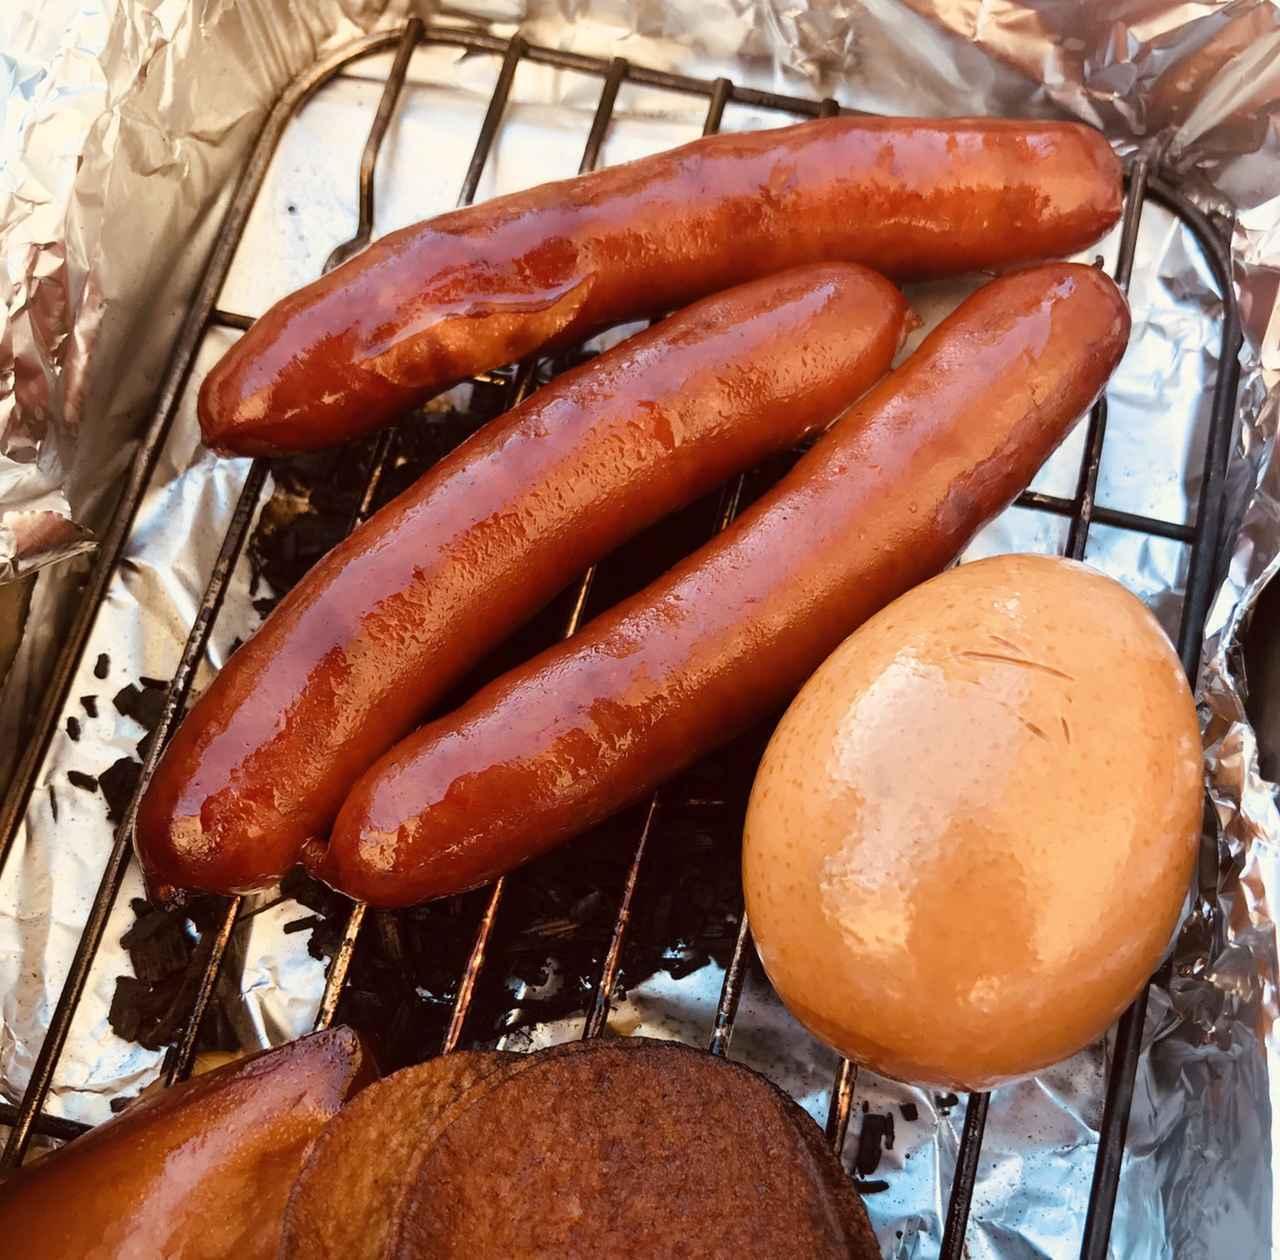 画像: 【超簡単レシピ】メスティンで、燻製料理をたった10分で簡単に美味しく作れる方法をご紹介! - ハピキャン(HAPPY CAMPER)